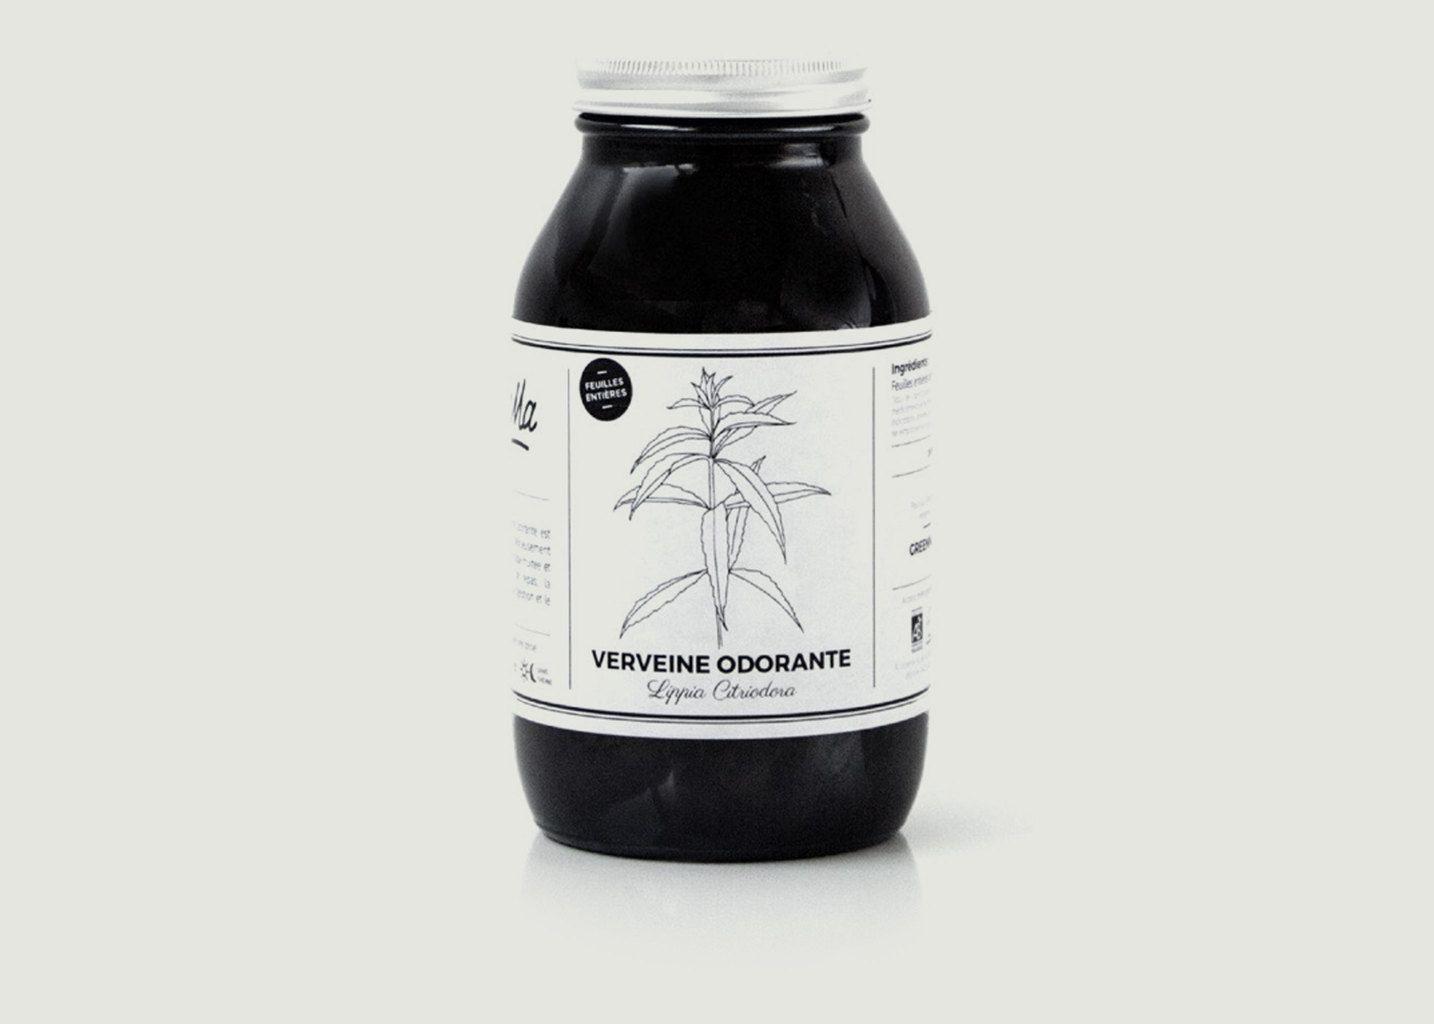 Bocal De Feuilles De Verveine Odorante Bio Française 25 g - GreenMa